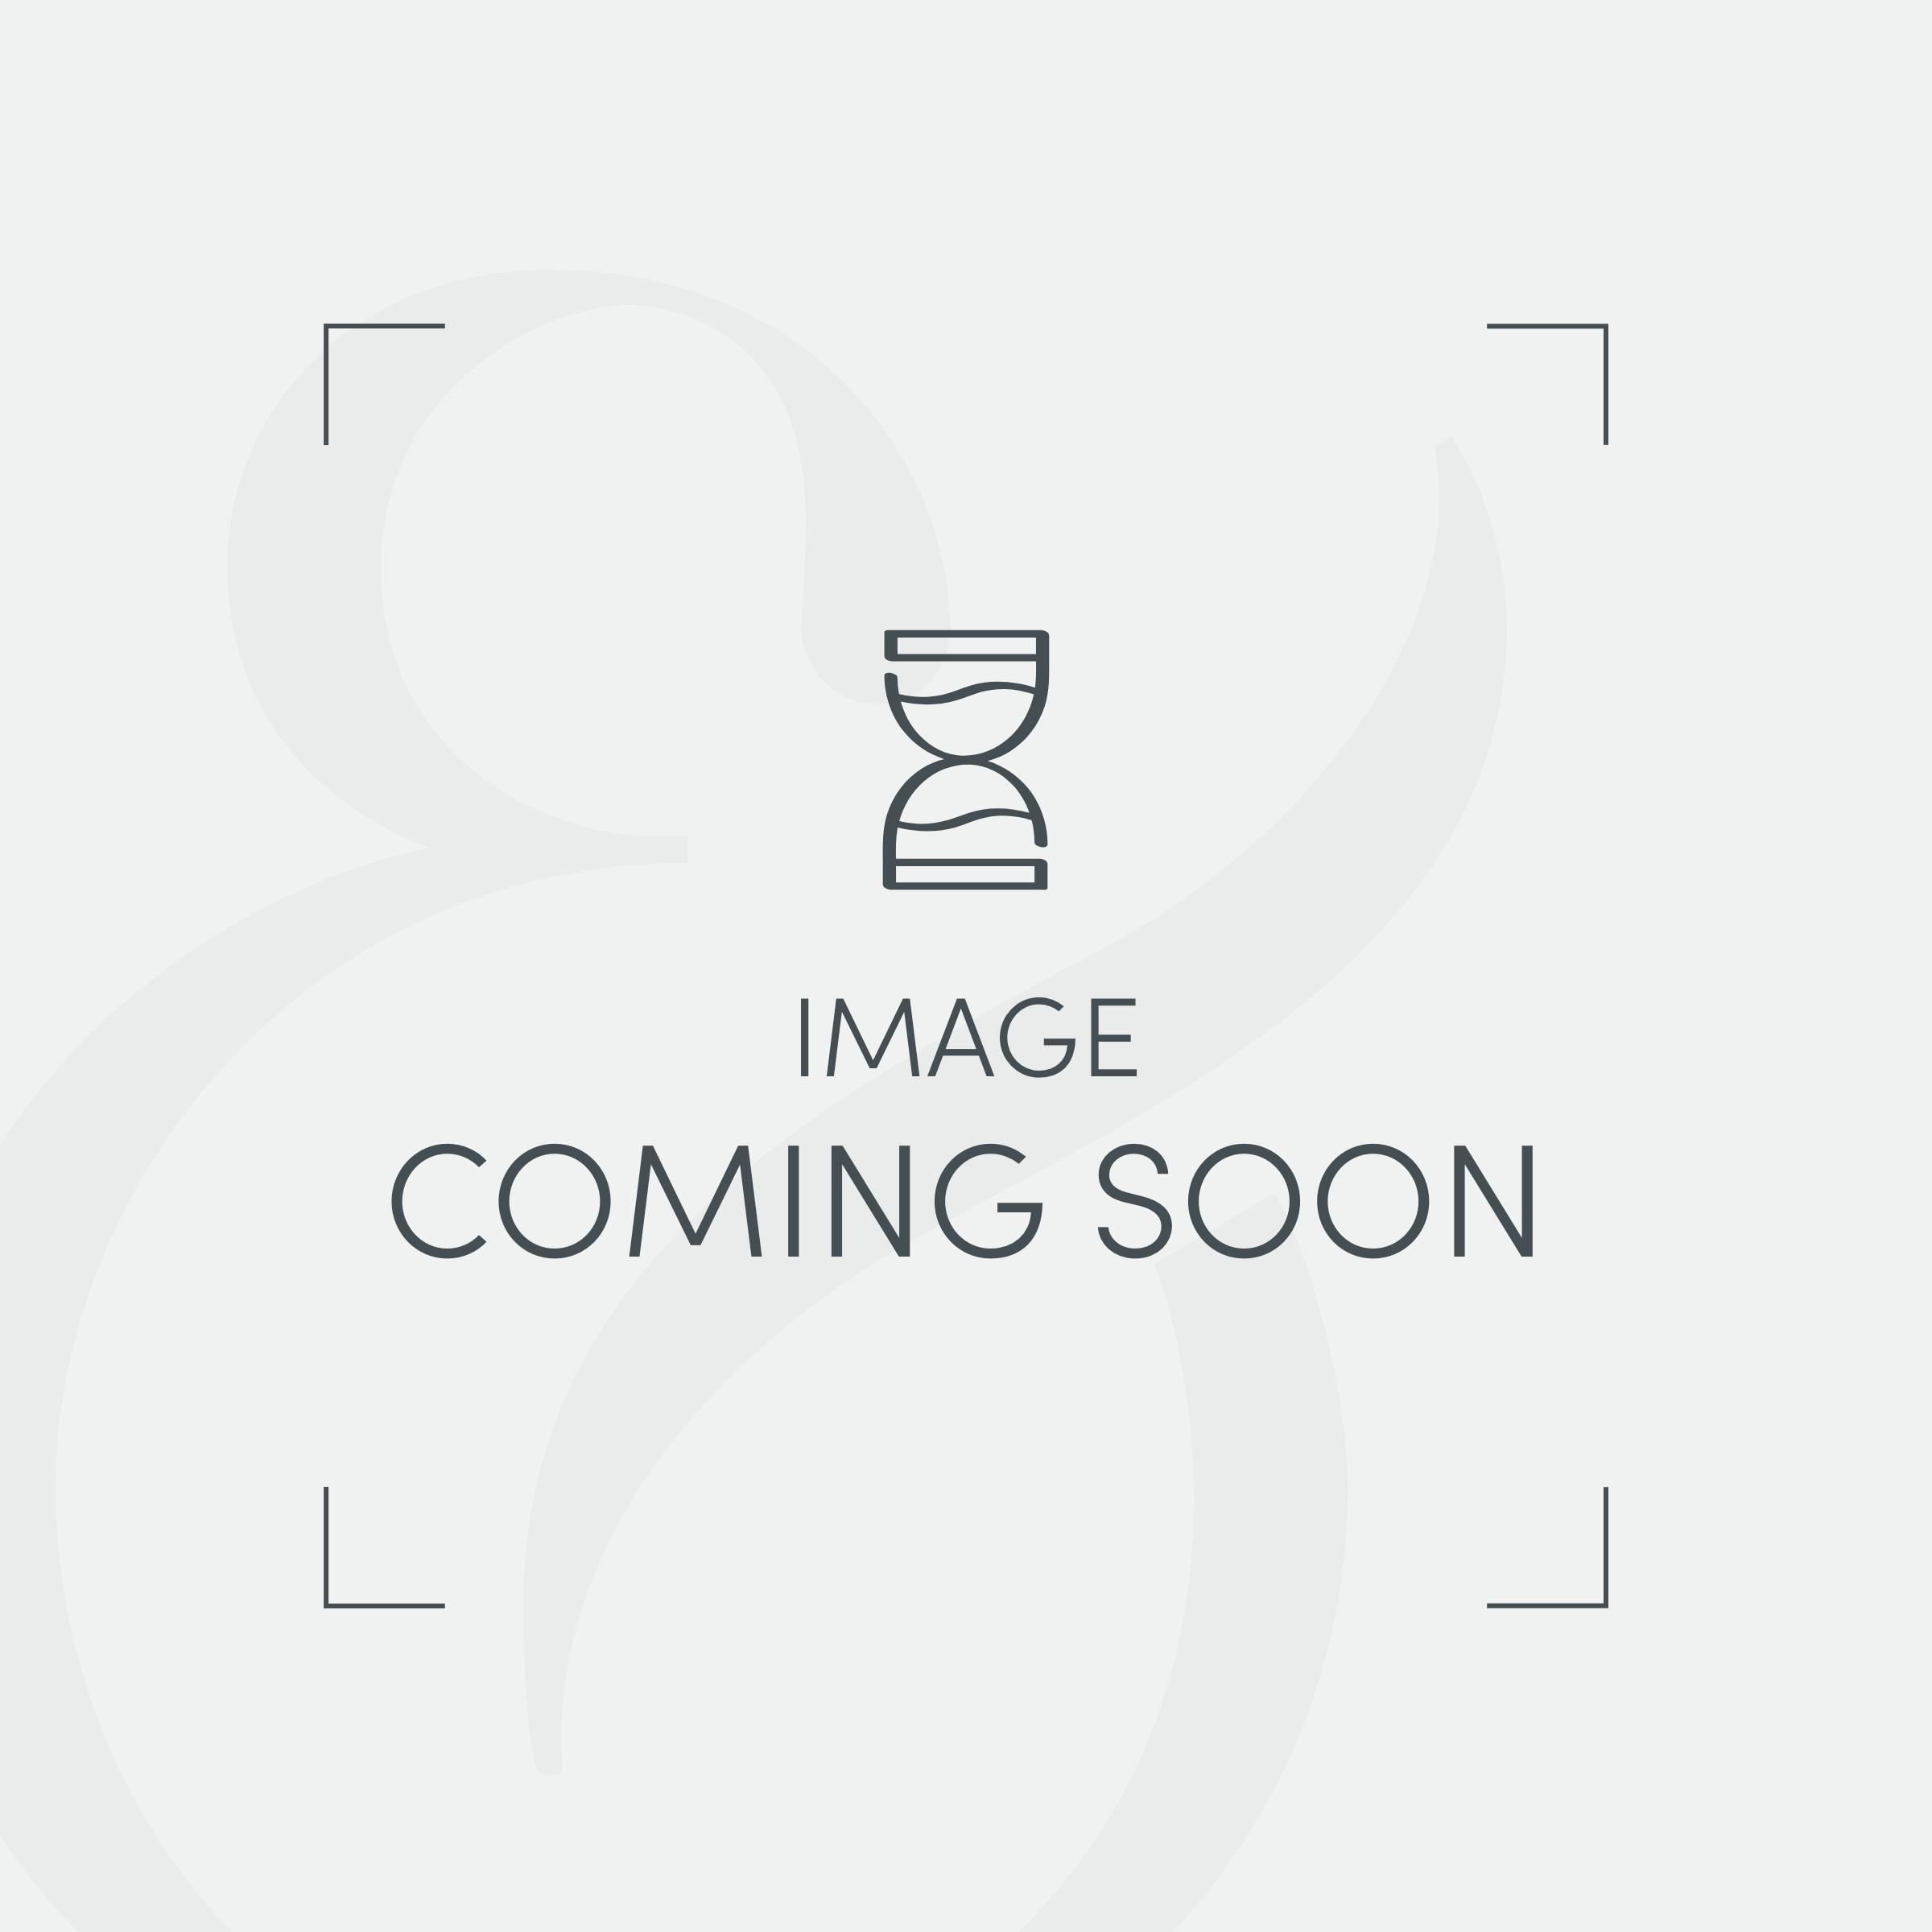 Luxury New Zealand Wool Duvet - Pre-Packed All Seasons 13.5 Tog (4.5 + 9.0 Tog)